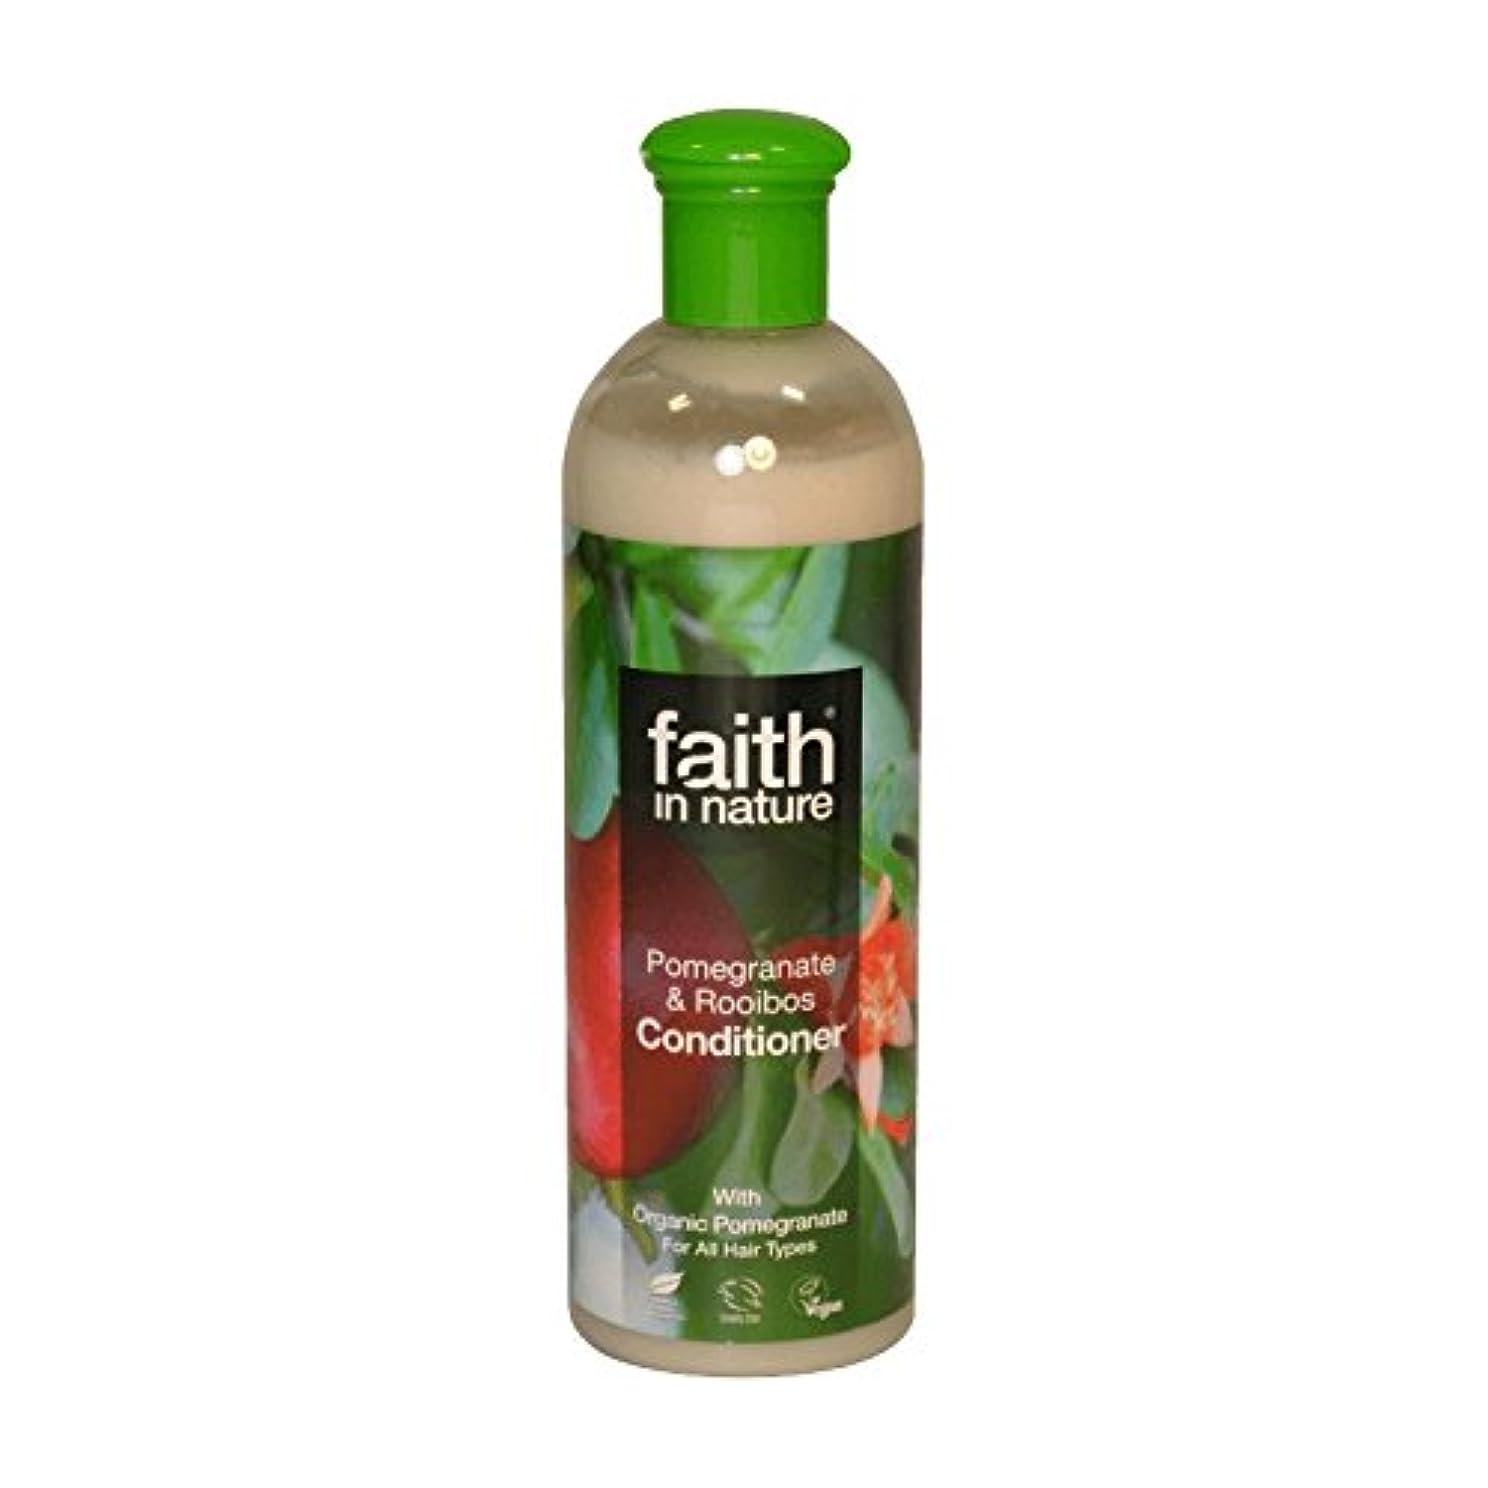 価格定義単独で自然ザクロ&Roobiosコンディショナー400ミリリットルの信仰 - Faith in Nature Pomegranate & Roobios Conditioner 400ml (Faith in Nature)...